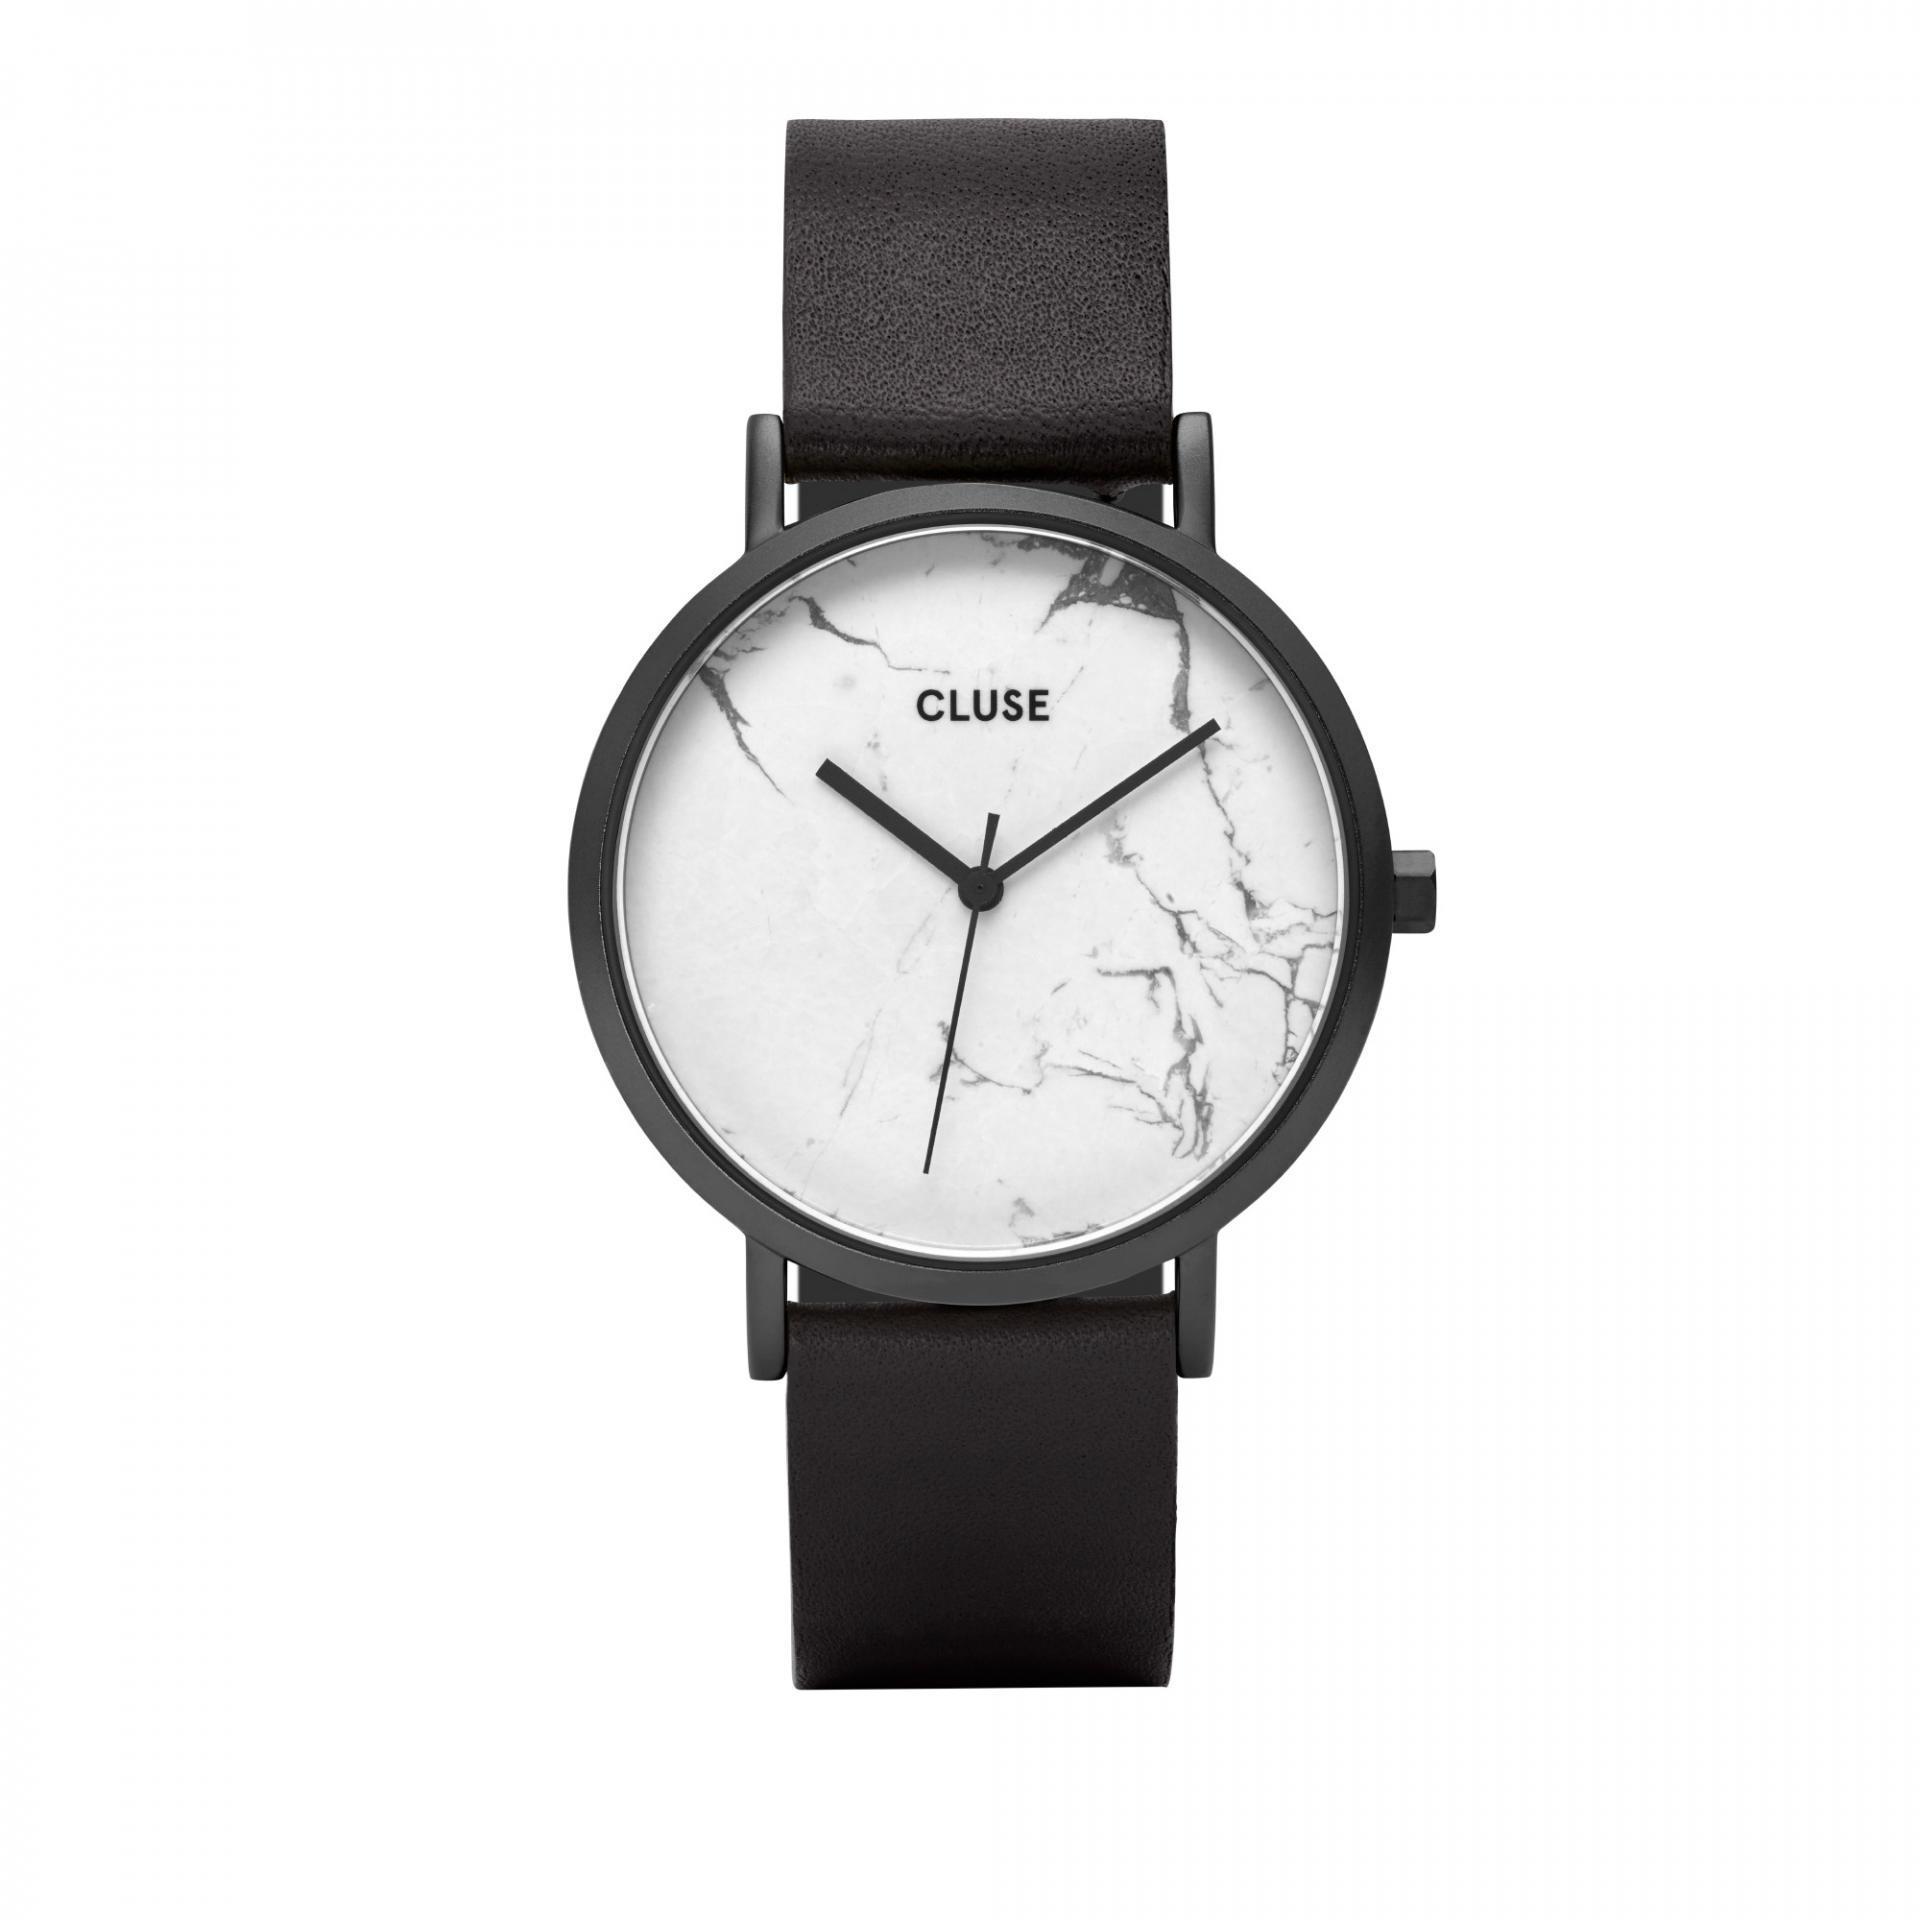 a60230ff0fd Černé dámské hodinky Cluse La Roche Full Black white Marble s bílým ...